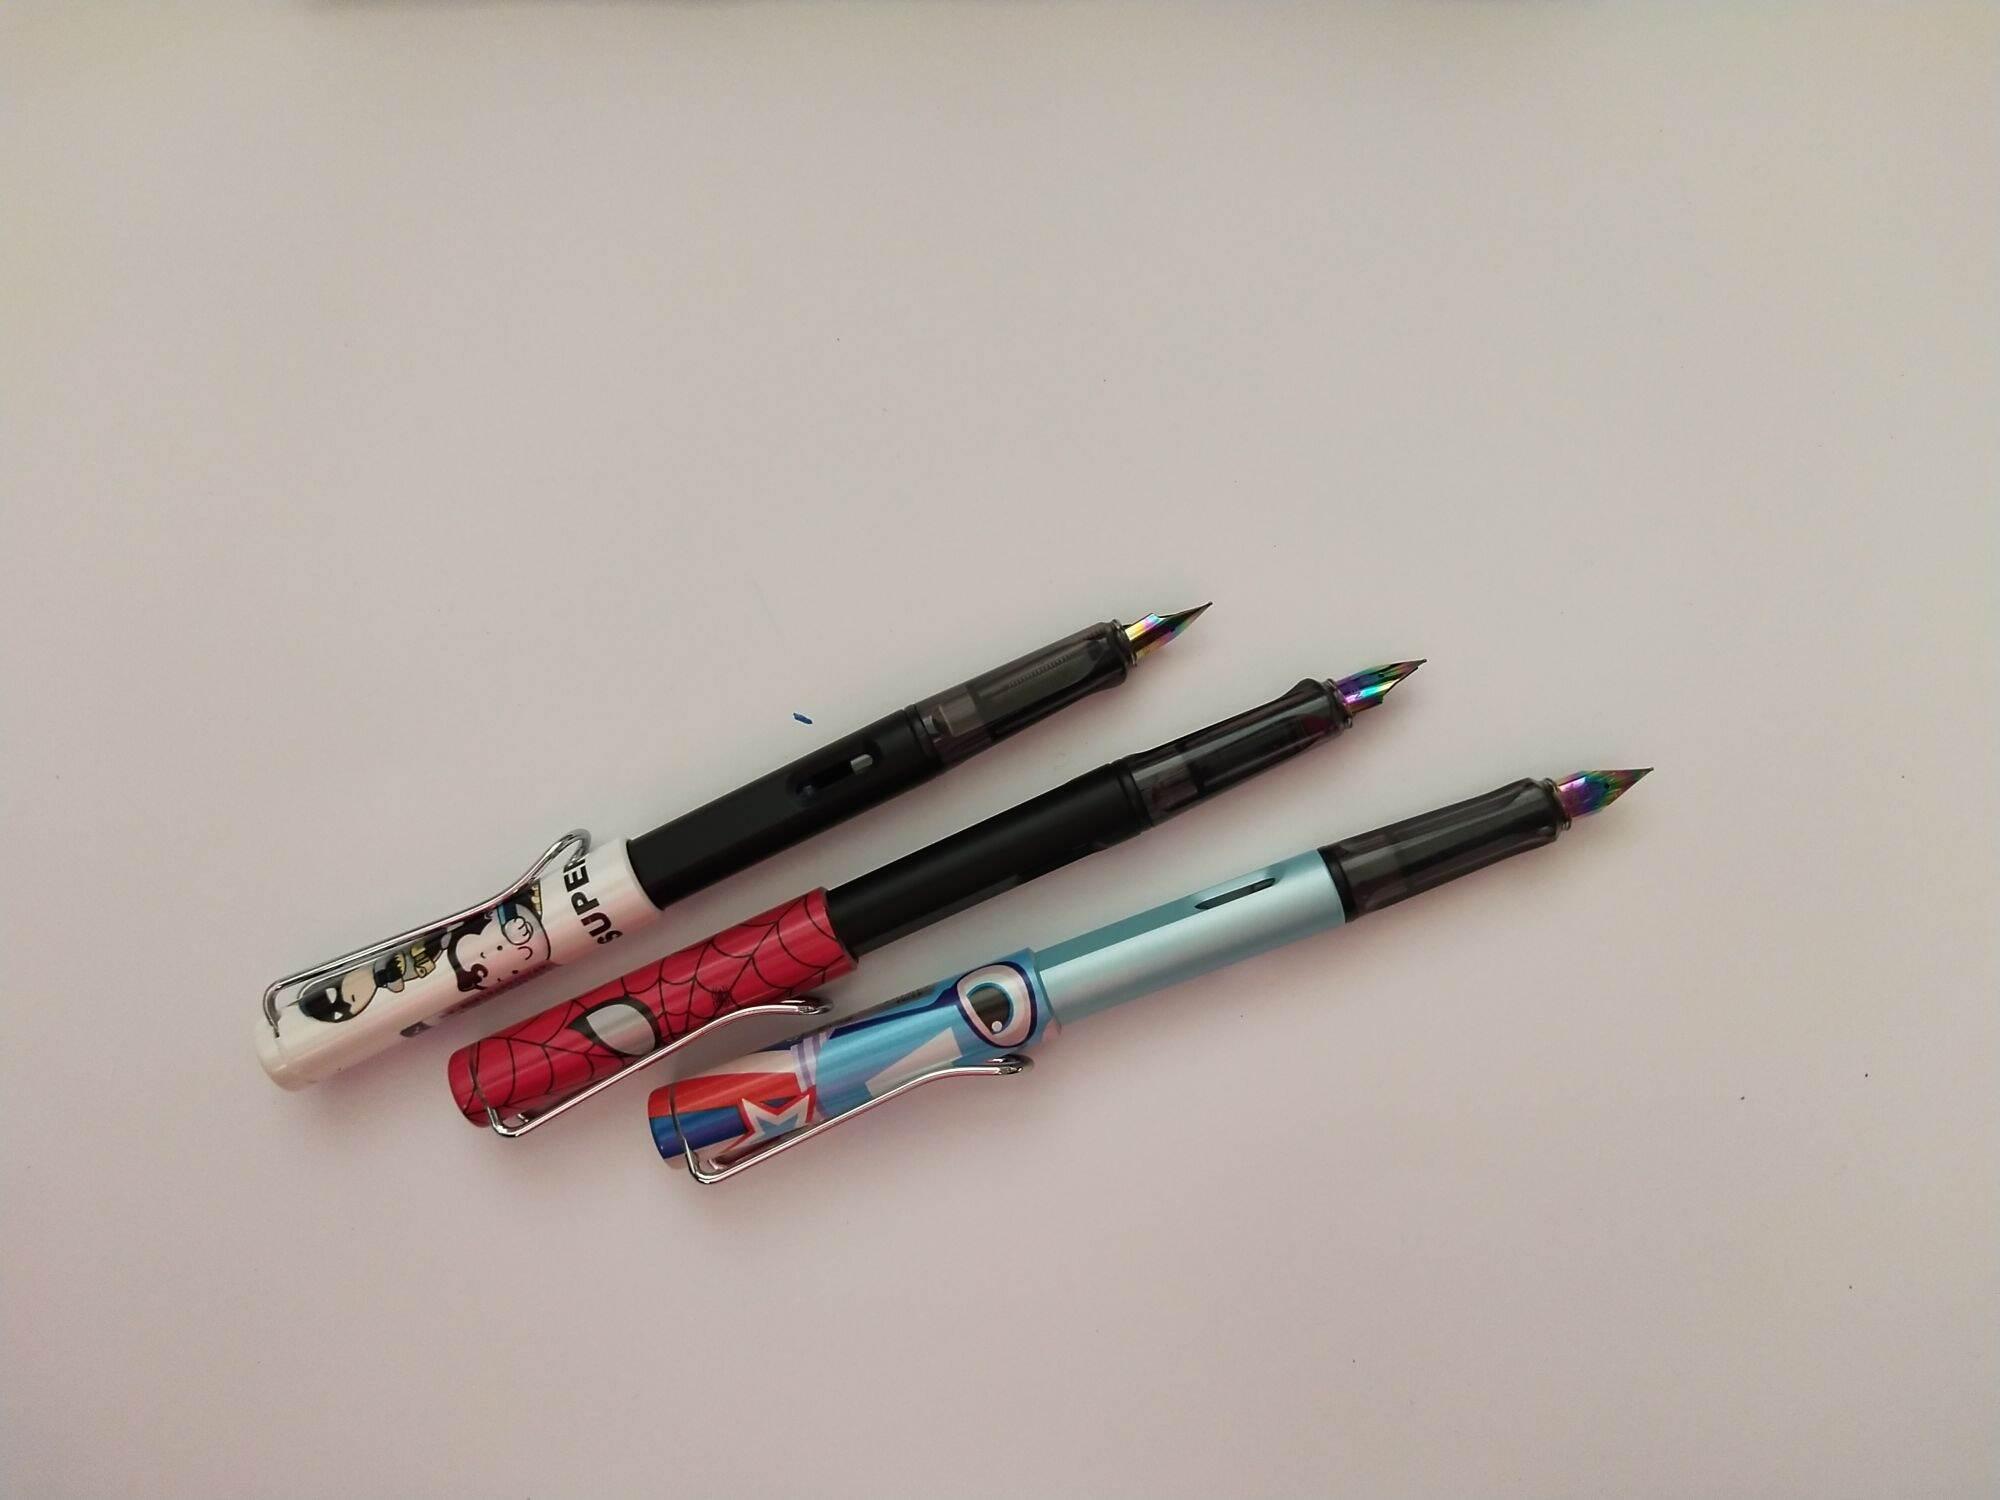 Mua viết máy bôi được cho em nhỏ vừa luyện chữ vừa có thể bôi nét sai tiện ích